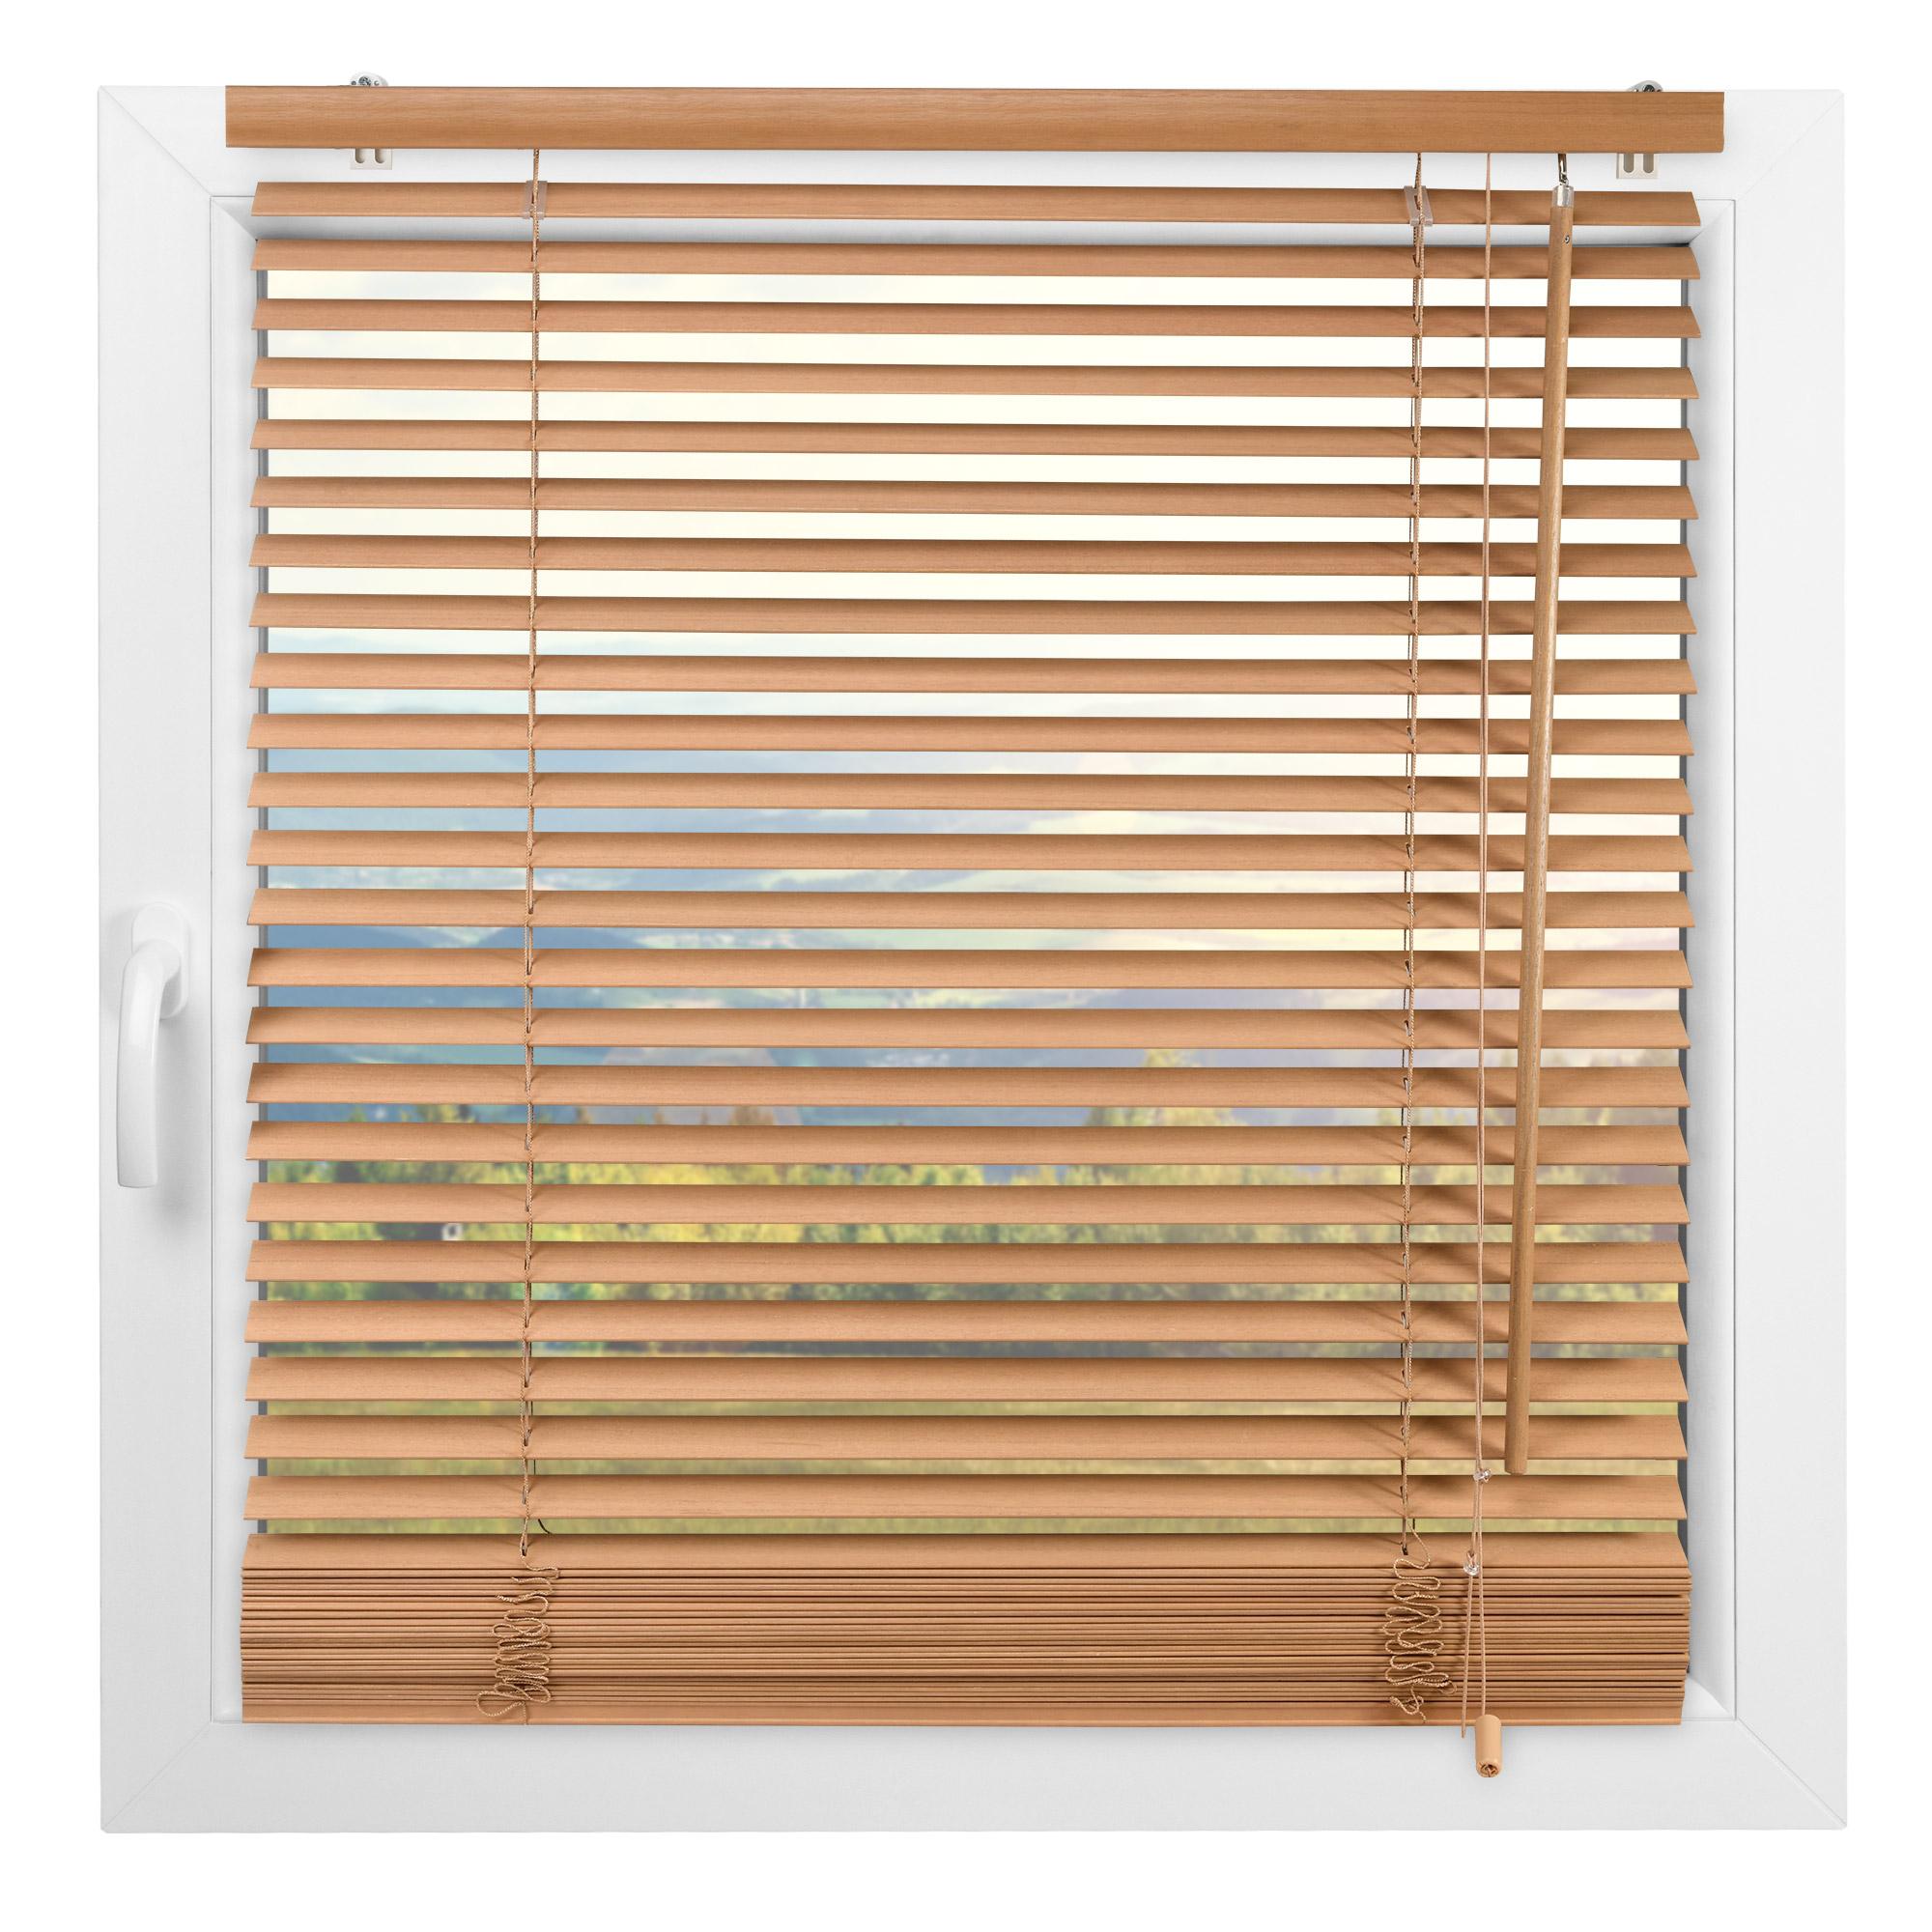 Indexbild 13 - Jalousie Fenster Tür Rollo Jalousette Schalusie Vorhang Schnurzug Jalusie Holz